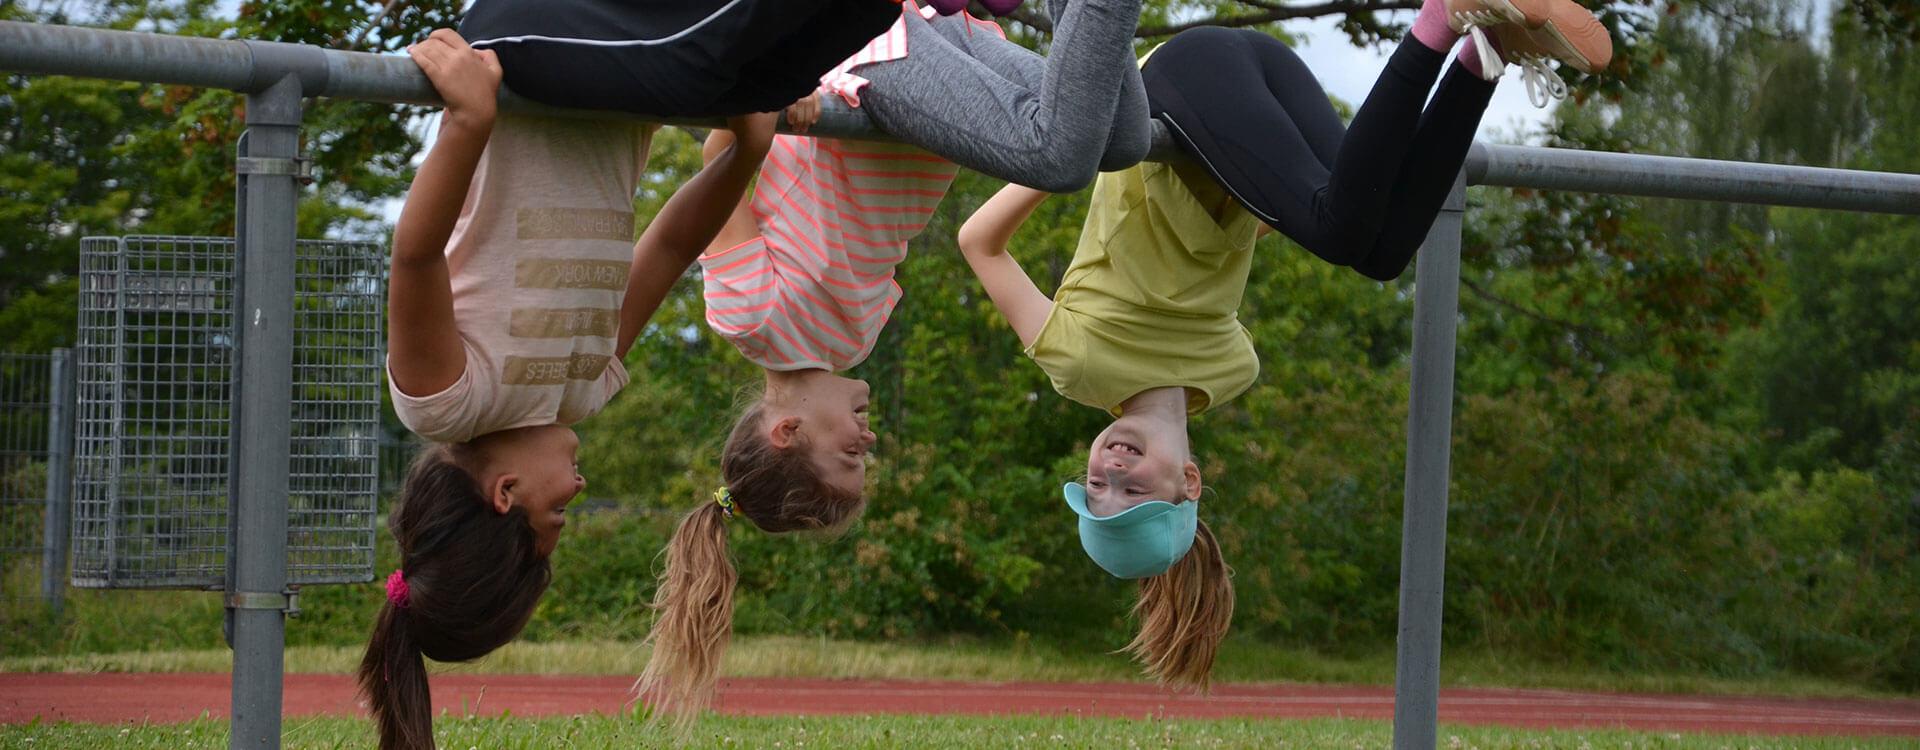 Markgrafenschule Altensteig Sport